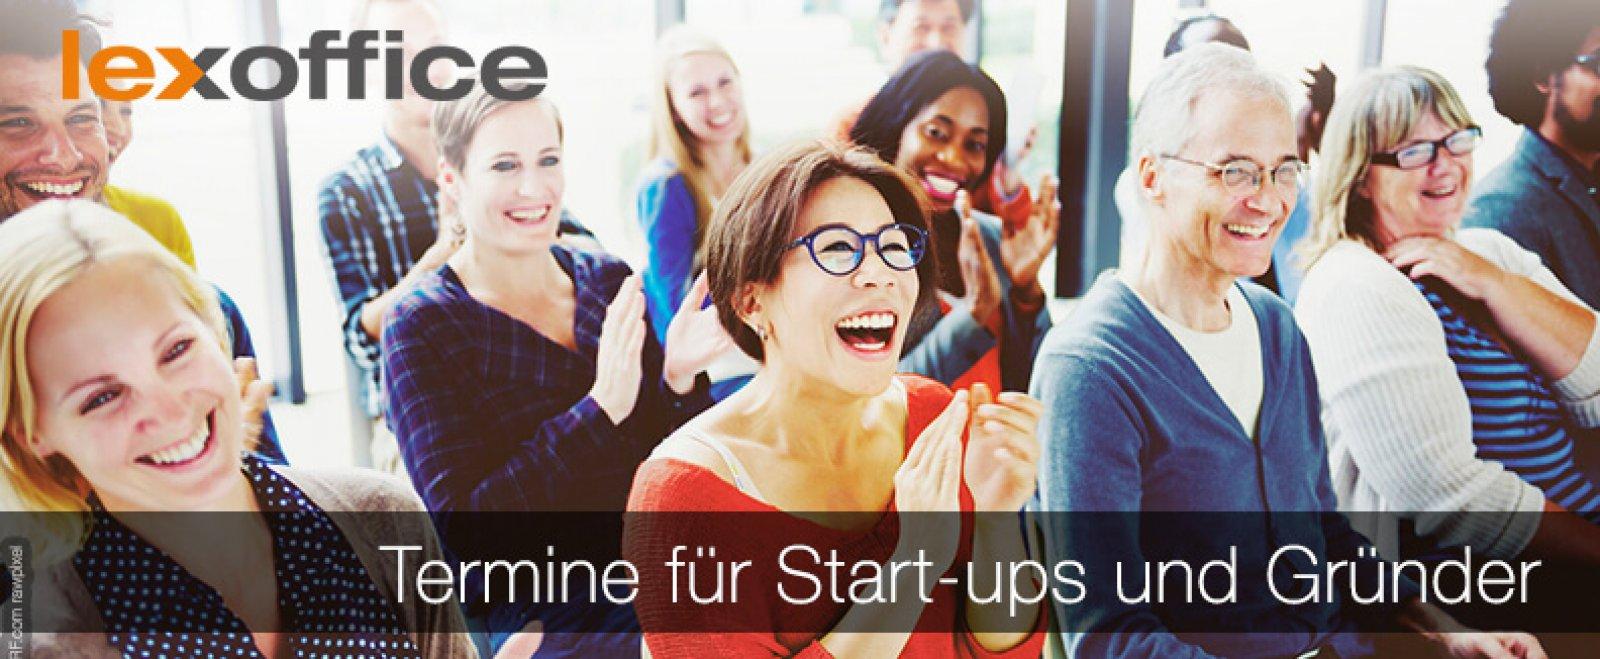 Existenzgründer-, Networking- und Startup Events im Mai 2017